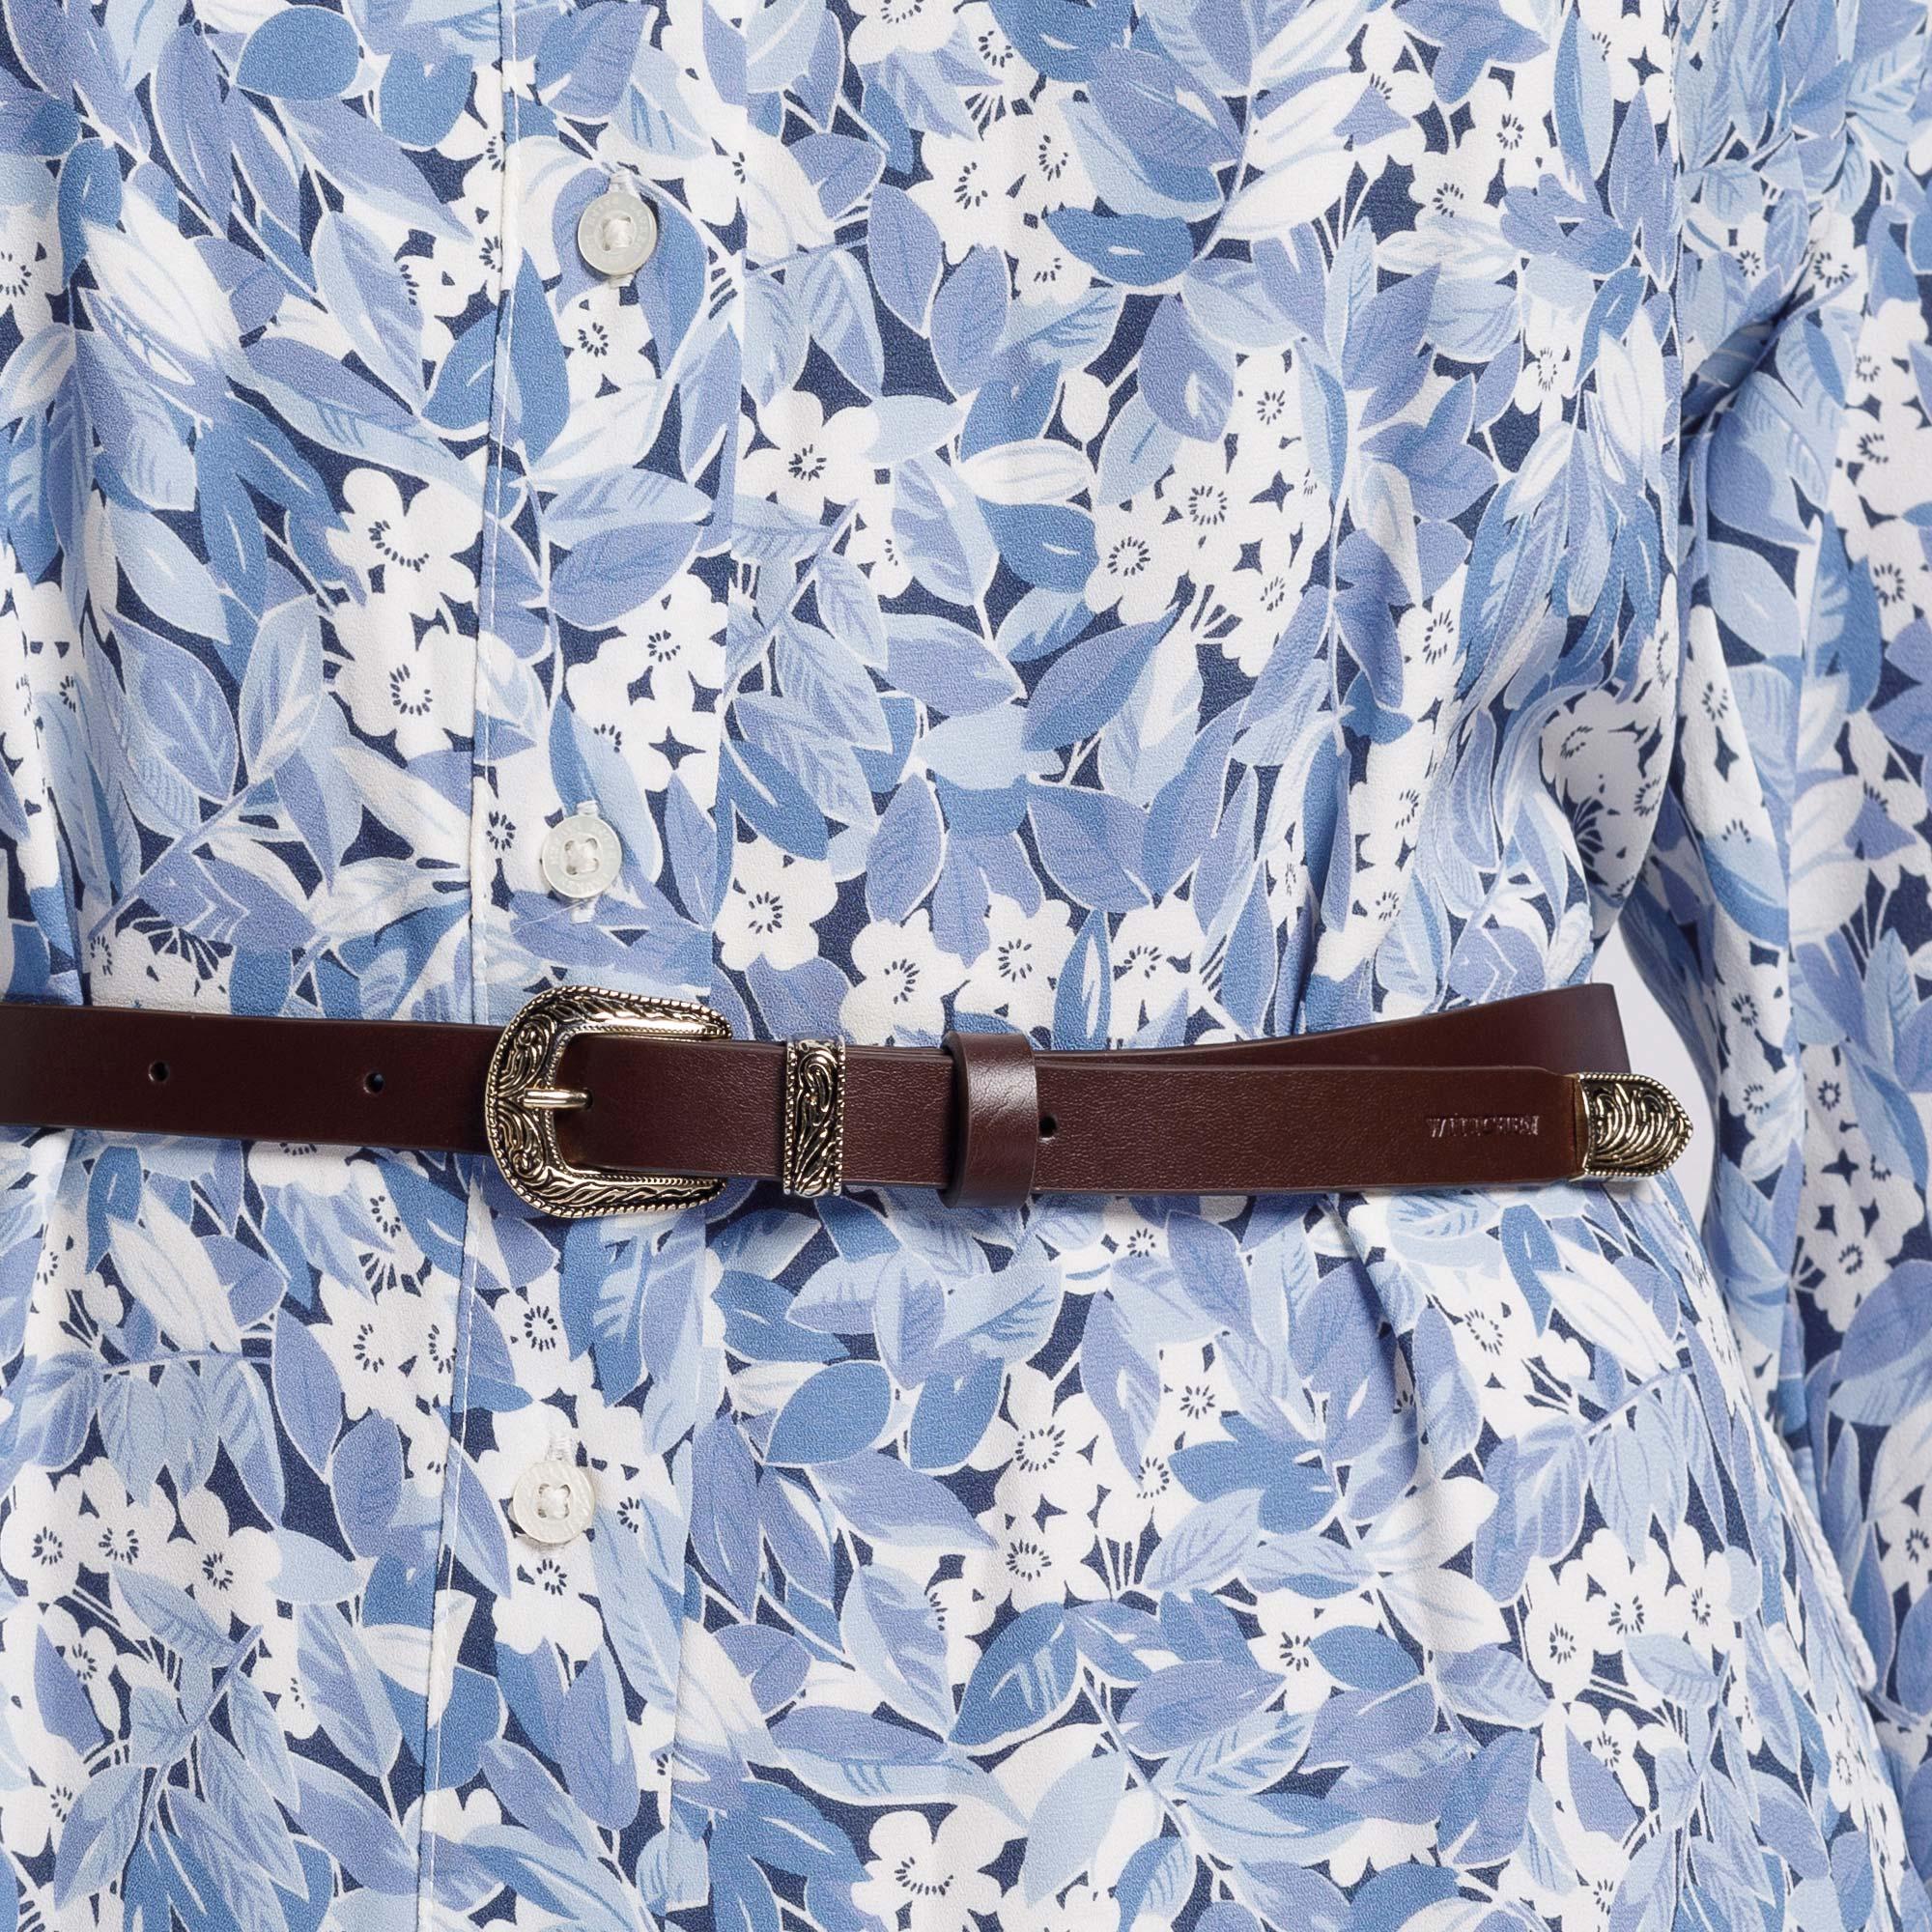 Damski pasek skórzany z ornamentem, brązowy, 92-8D-304-4-XL, Zdjęcie 1